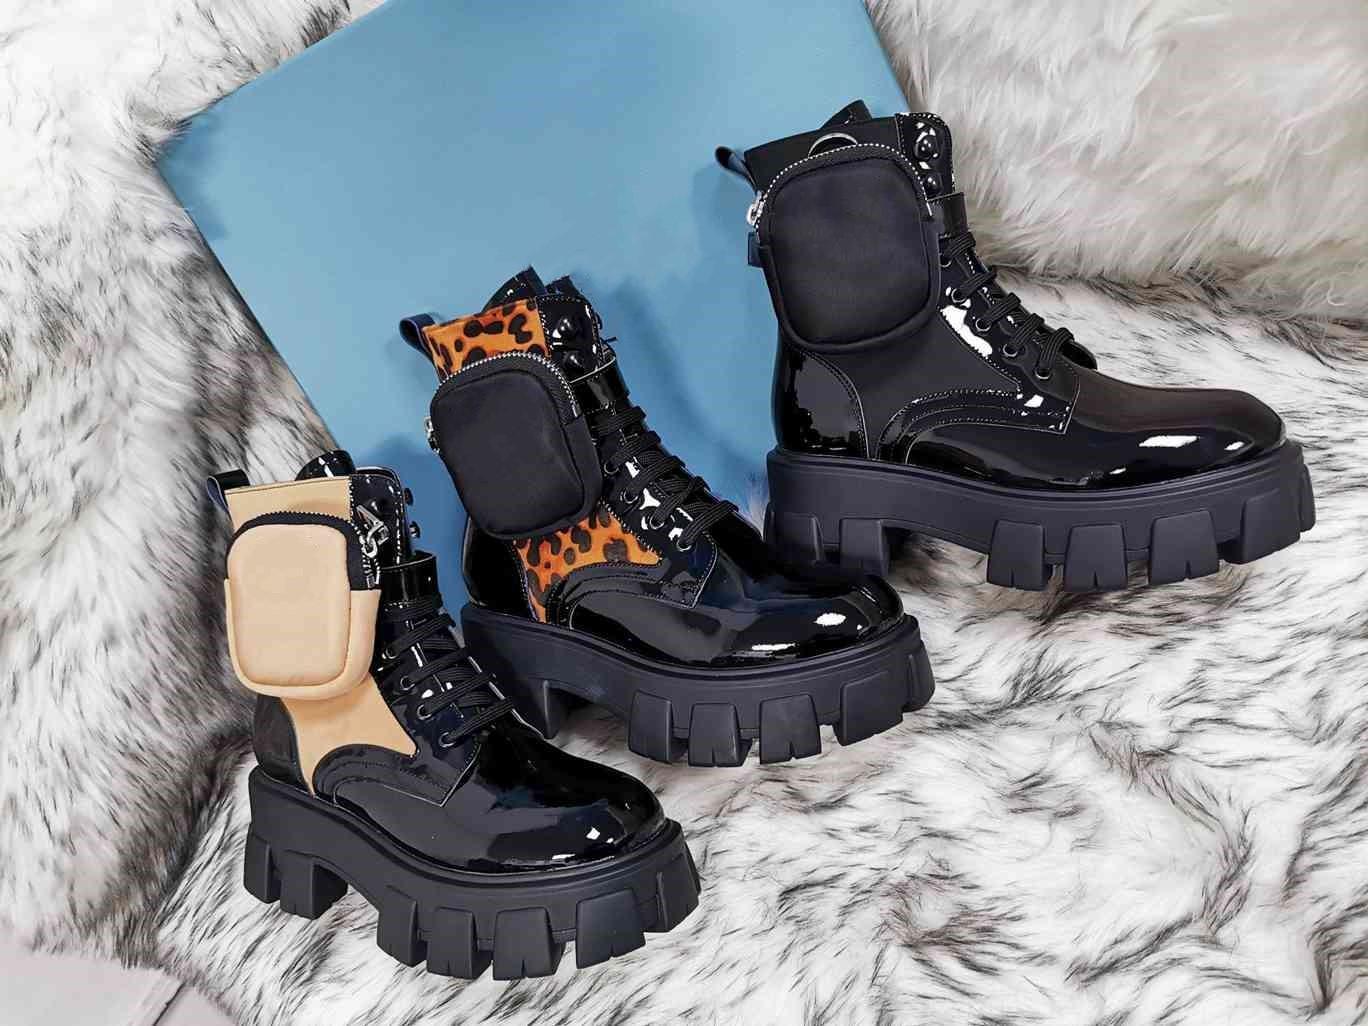 British Fashion scarpe nere piattaforma di stile locomotiva Martin stivali nuovi stivaletti tasca scarpe piattaforma unisex